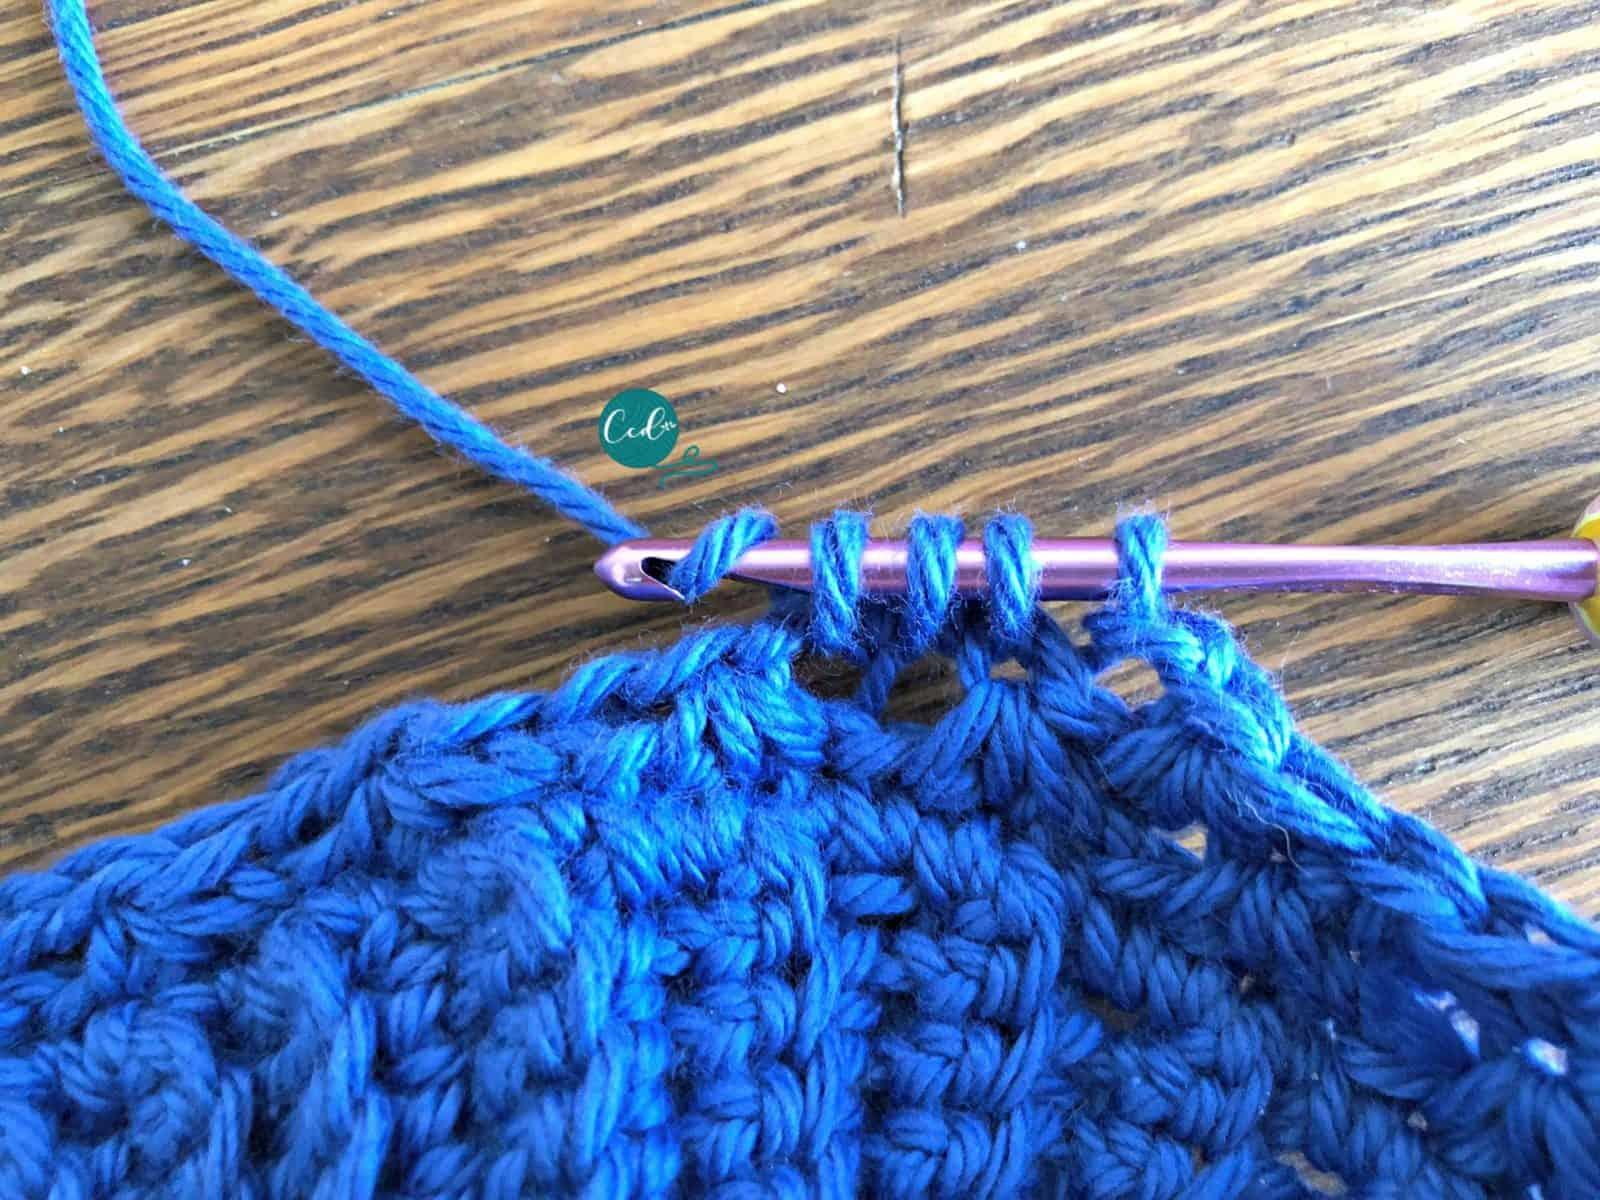 Yarn over for single crochet cluster.